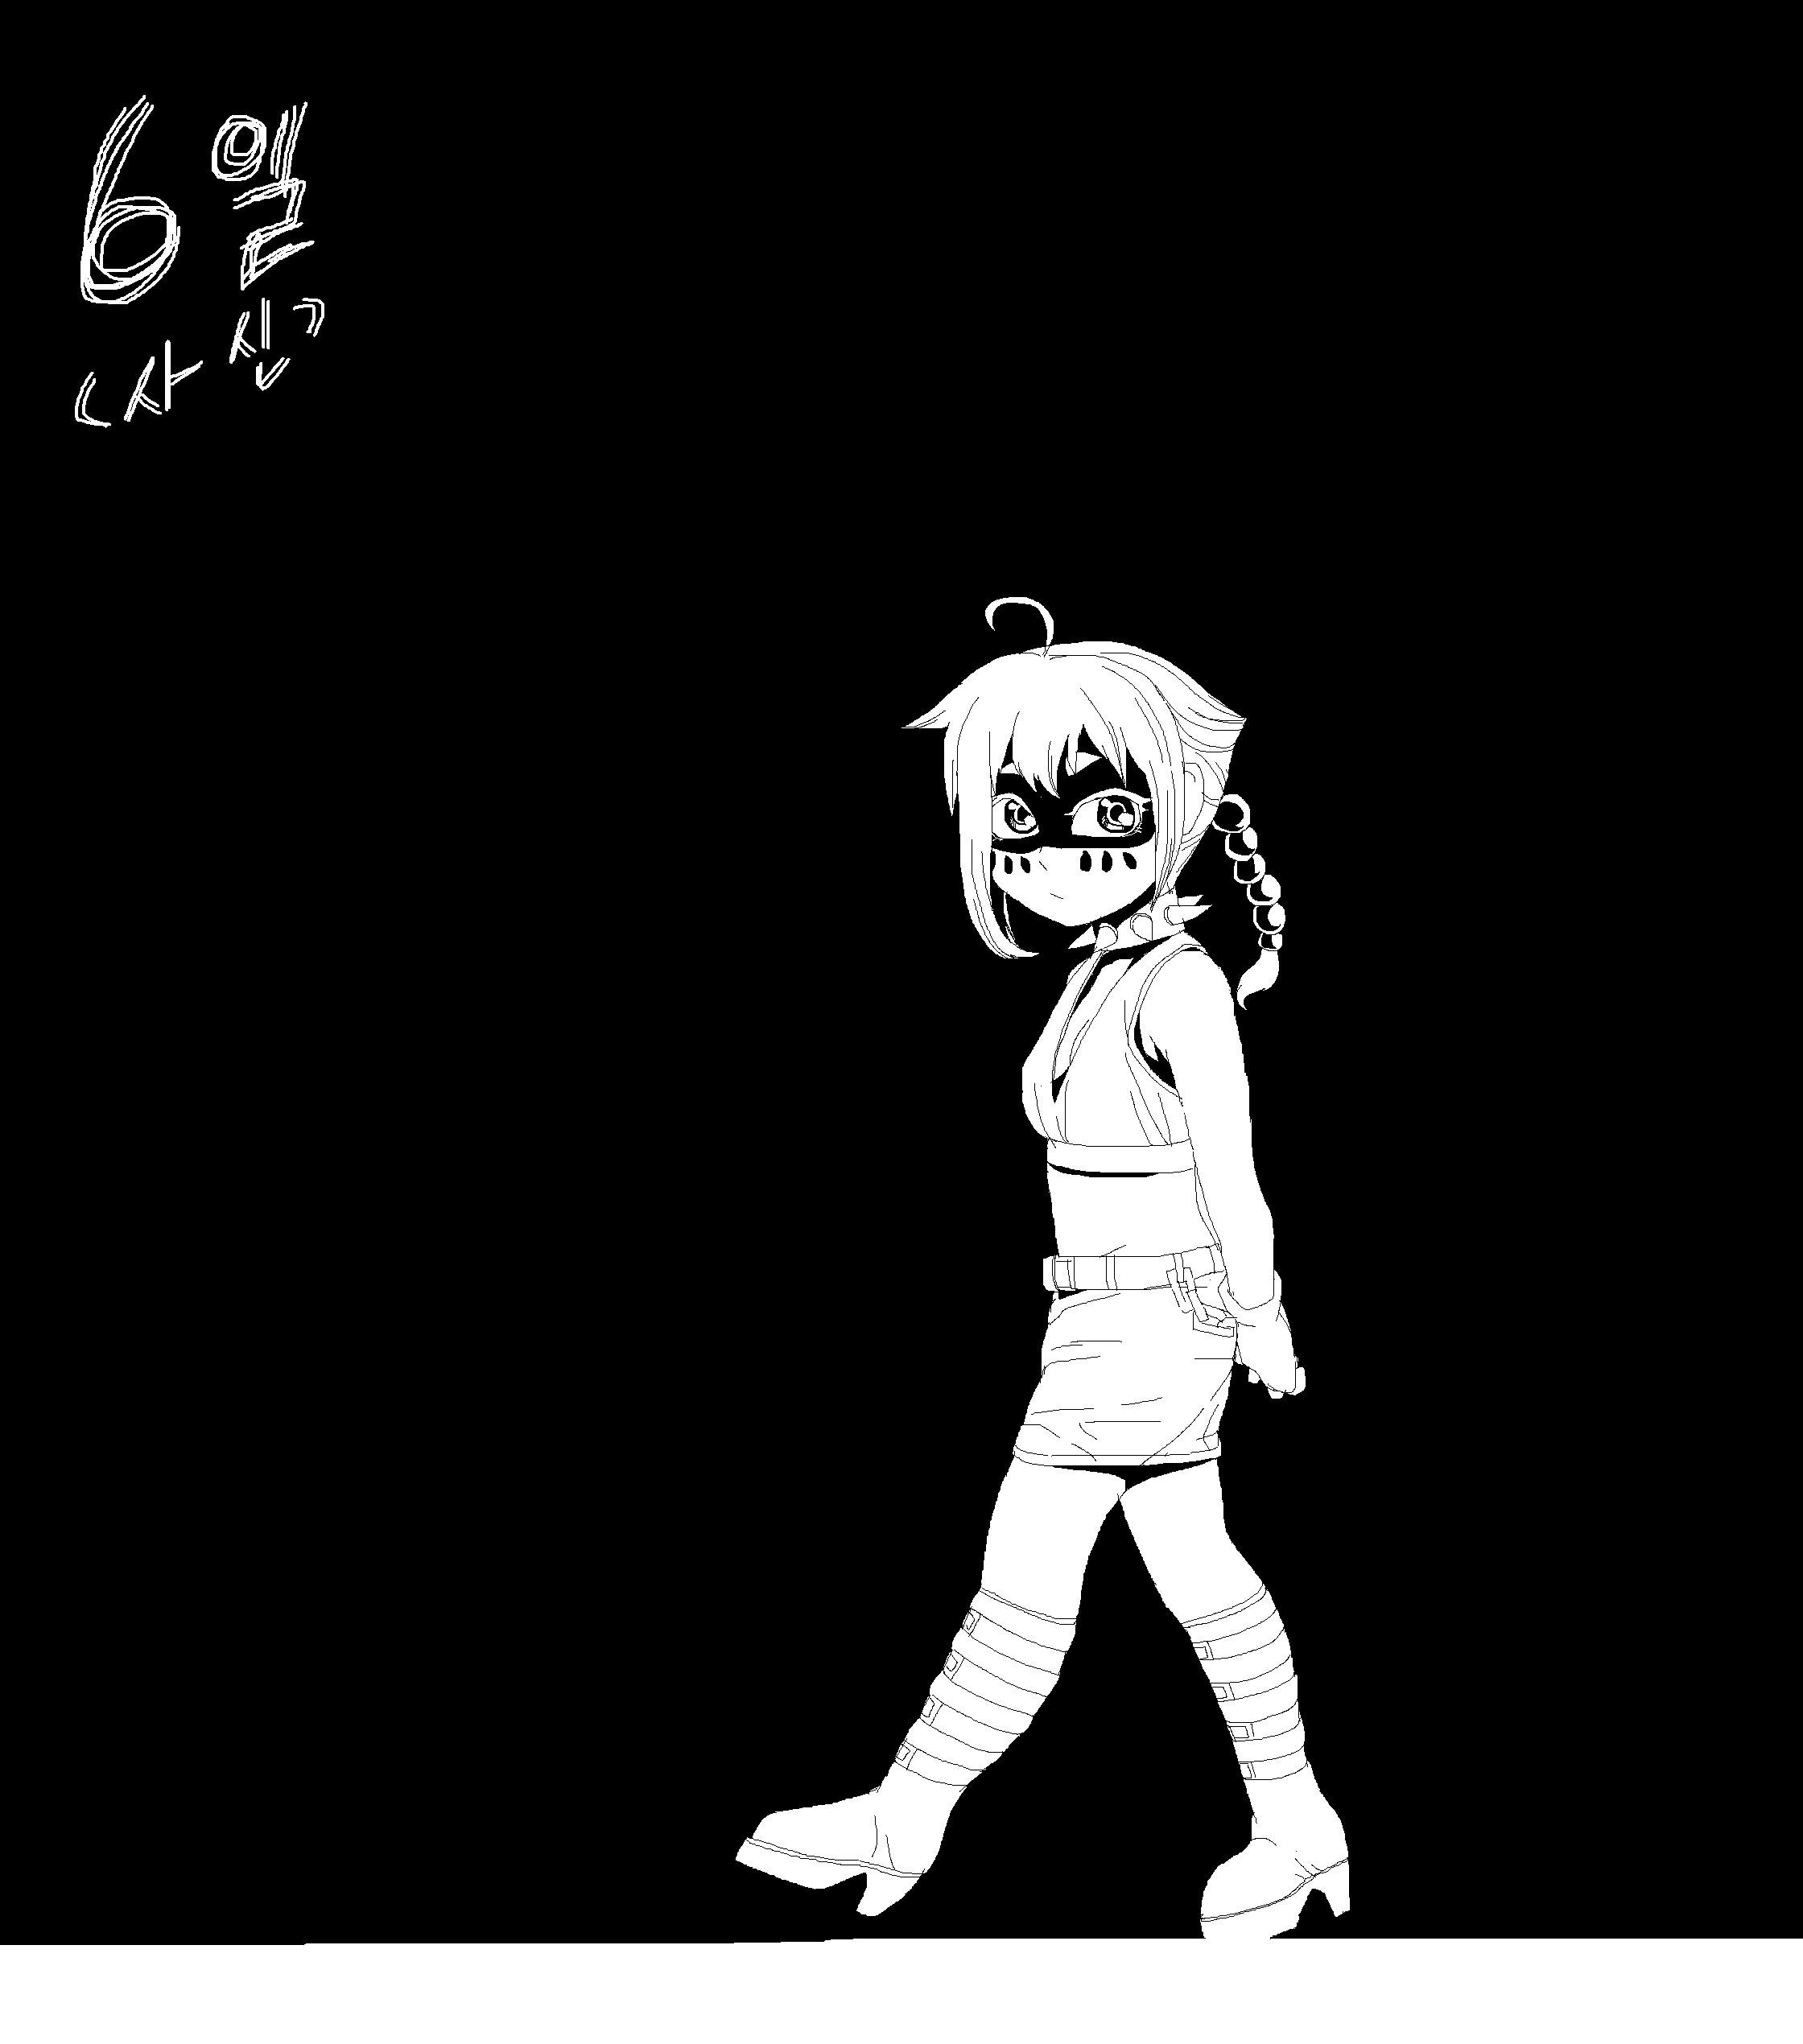 6일.png